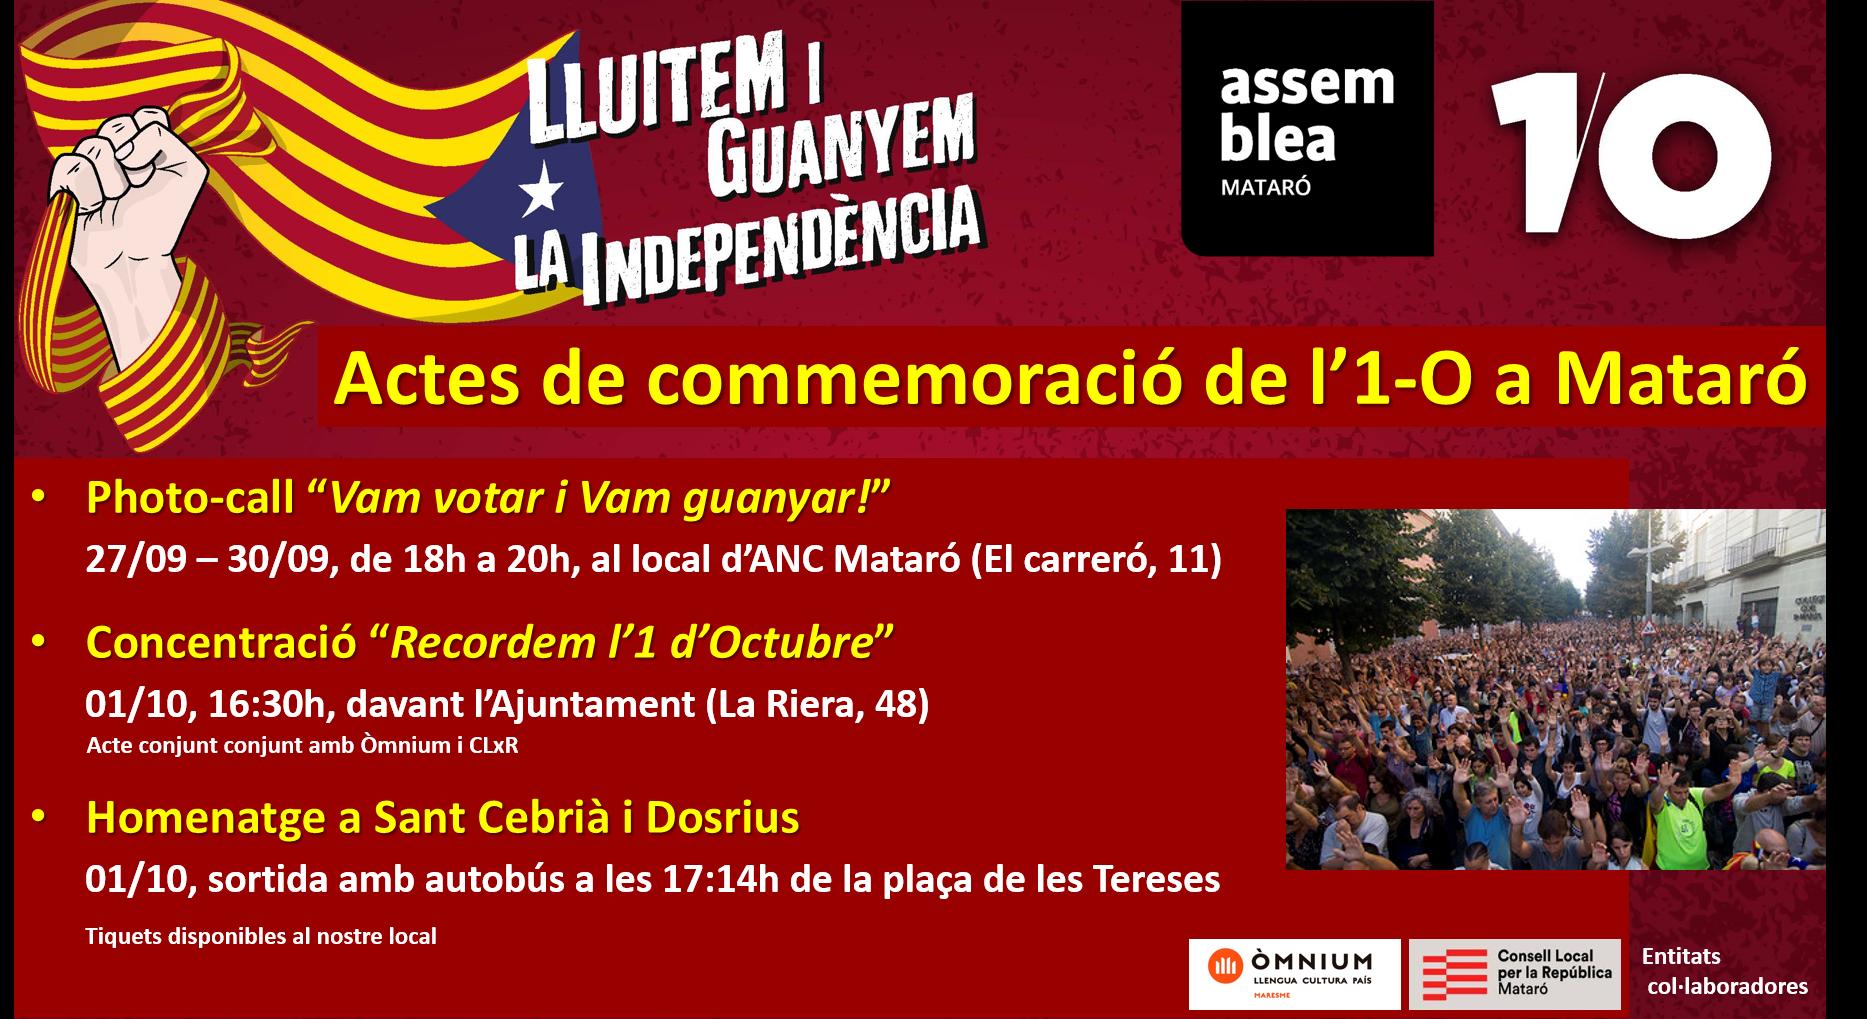 Actes de commemoració de l'1-O a Mataró